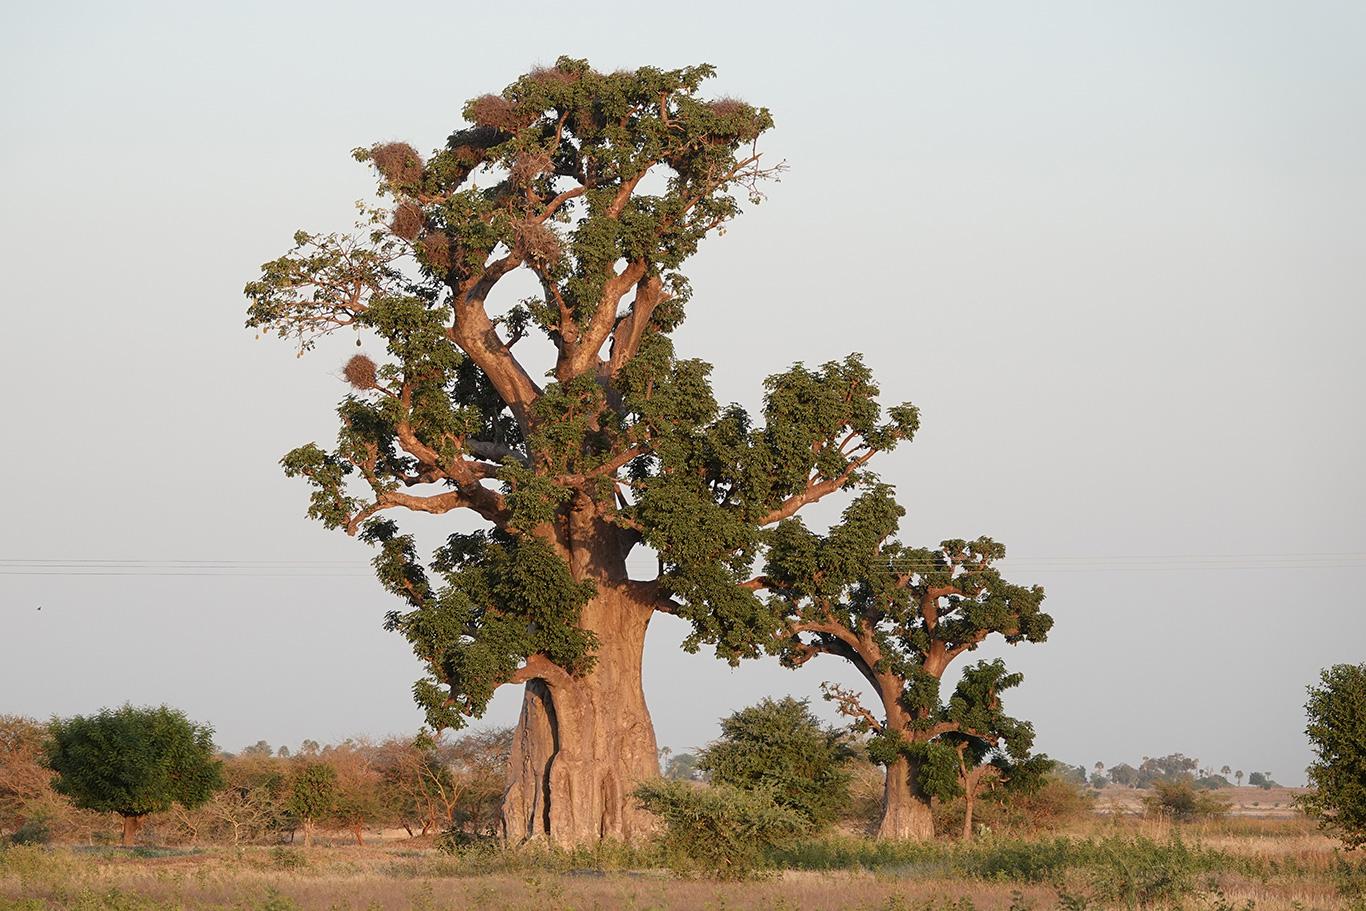 Baobab Tree, Near Farafenni, The Gambia.